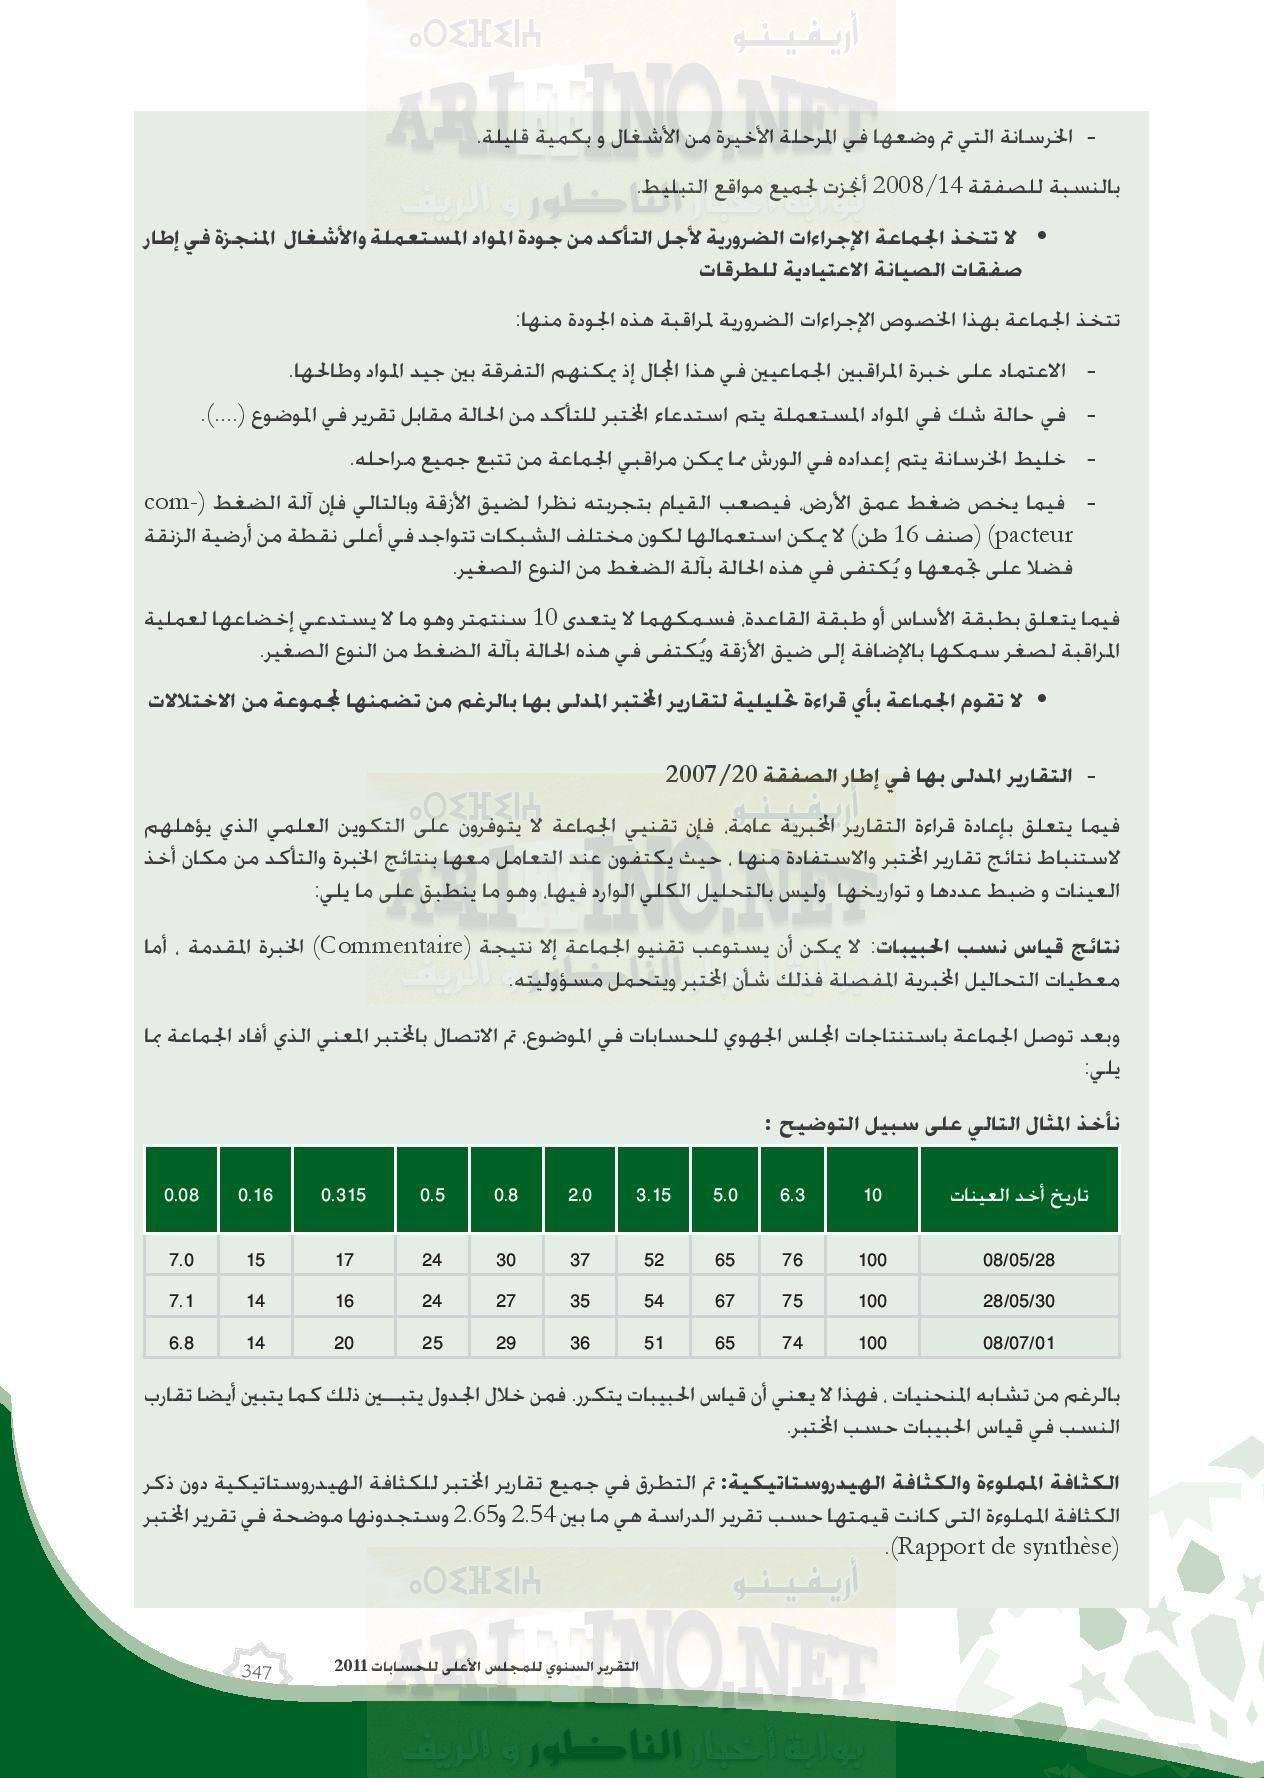 nador_0073 تقرير المجلس الاعلى للحسابات: بلدية الناظور تعيش إختلالات و عشوائية و عاجزة عن القيام بمهامها